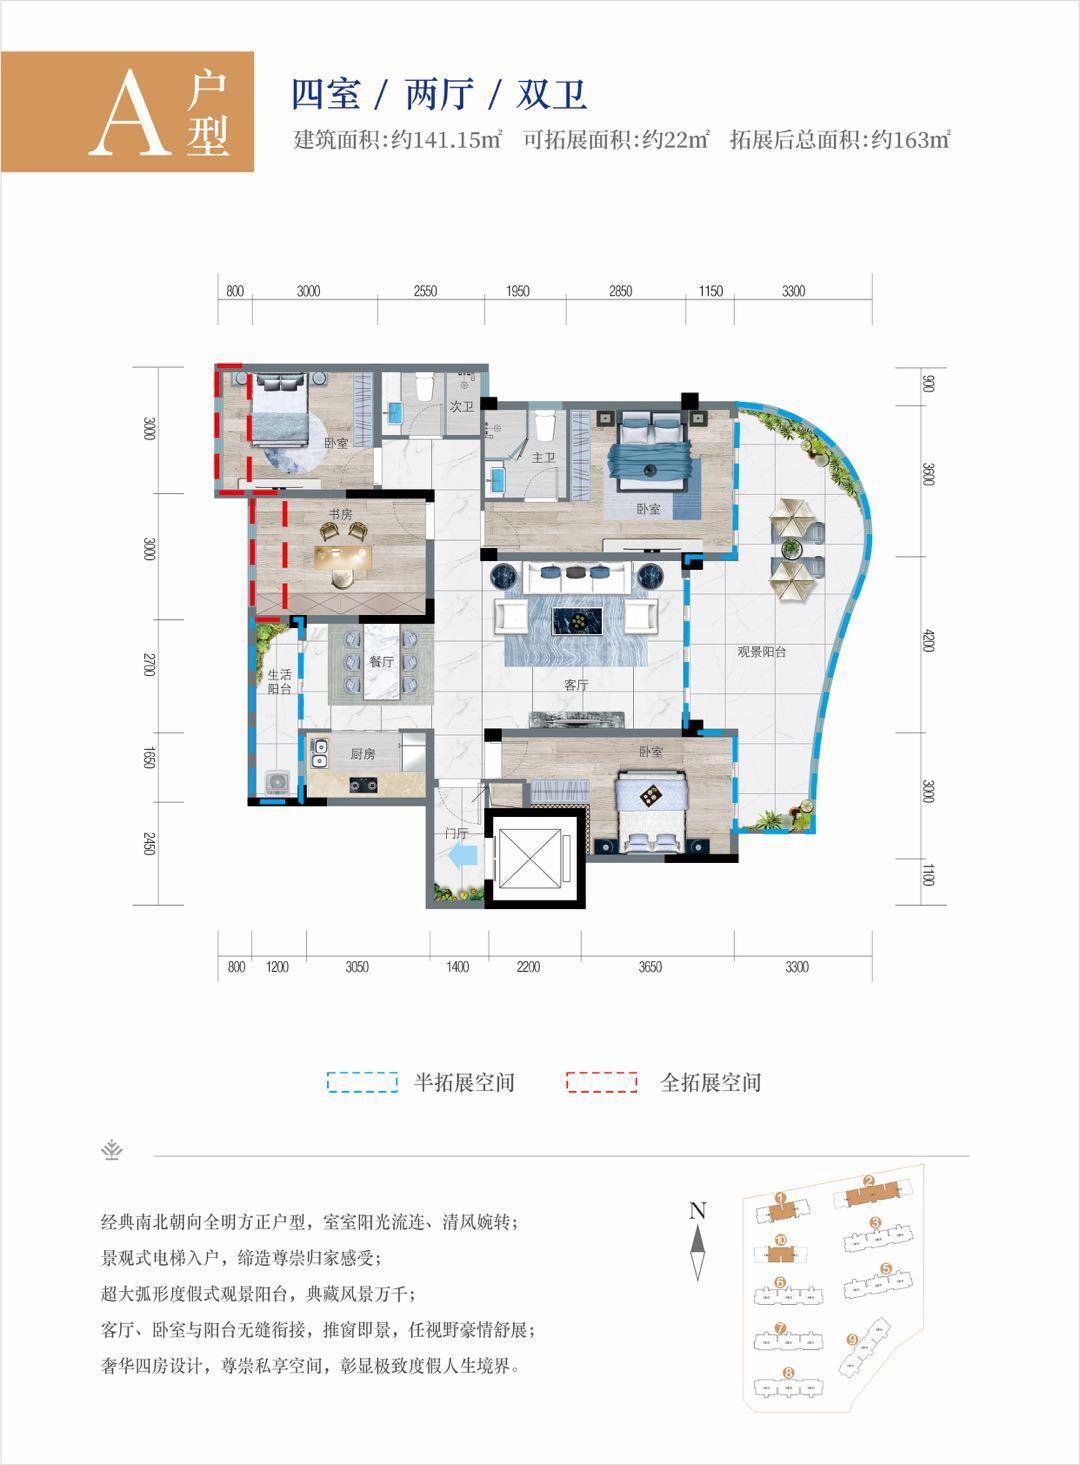 清凤椰林阳光A户型 4房2厅2卫  建筑面积:141.15㎡